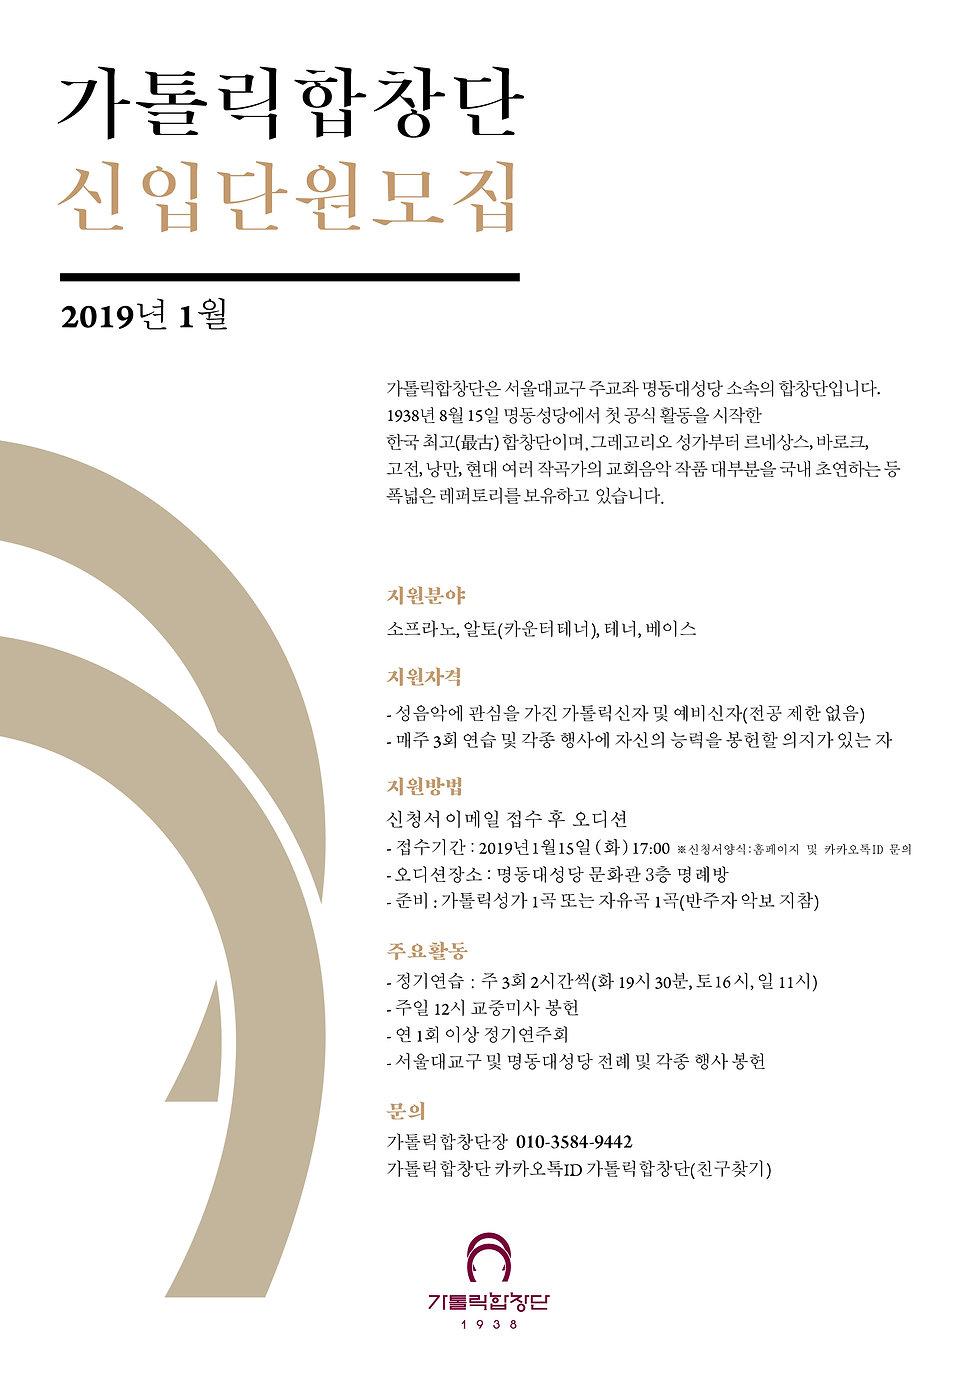 2019 1월 신입단원 이미지.jpg